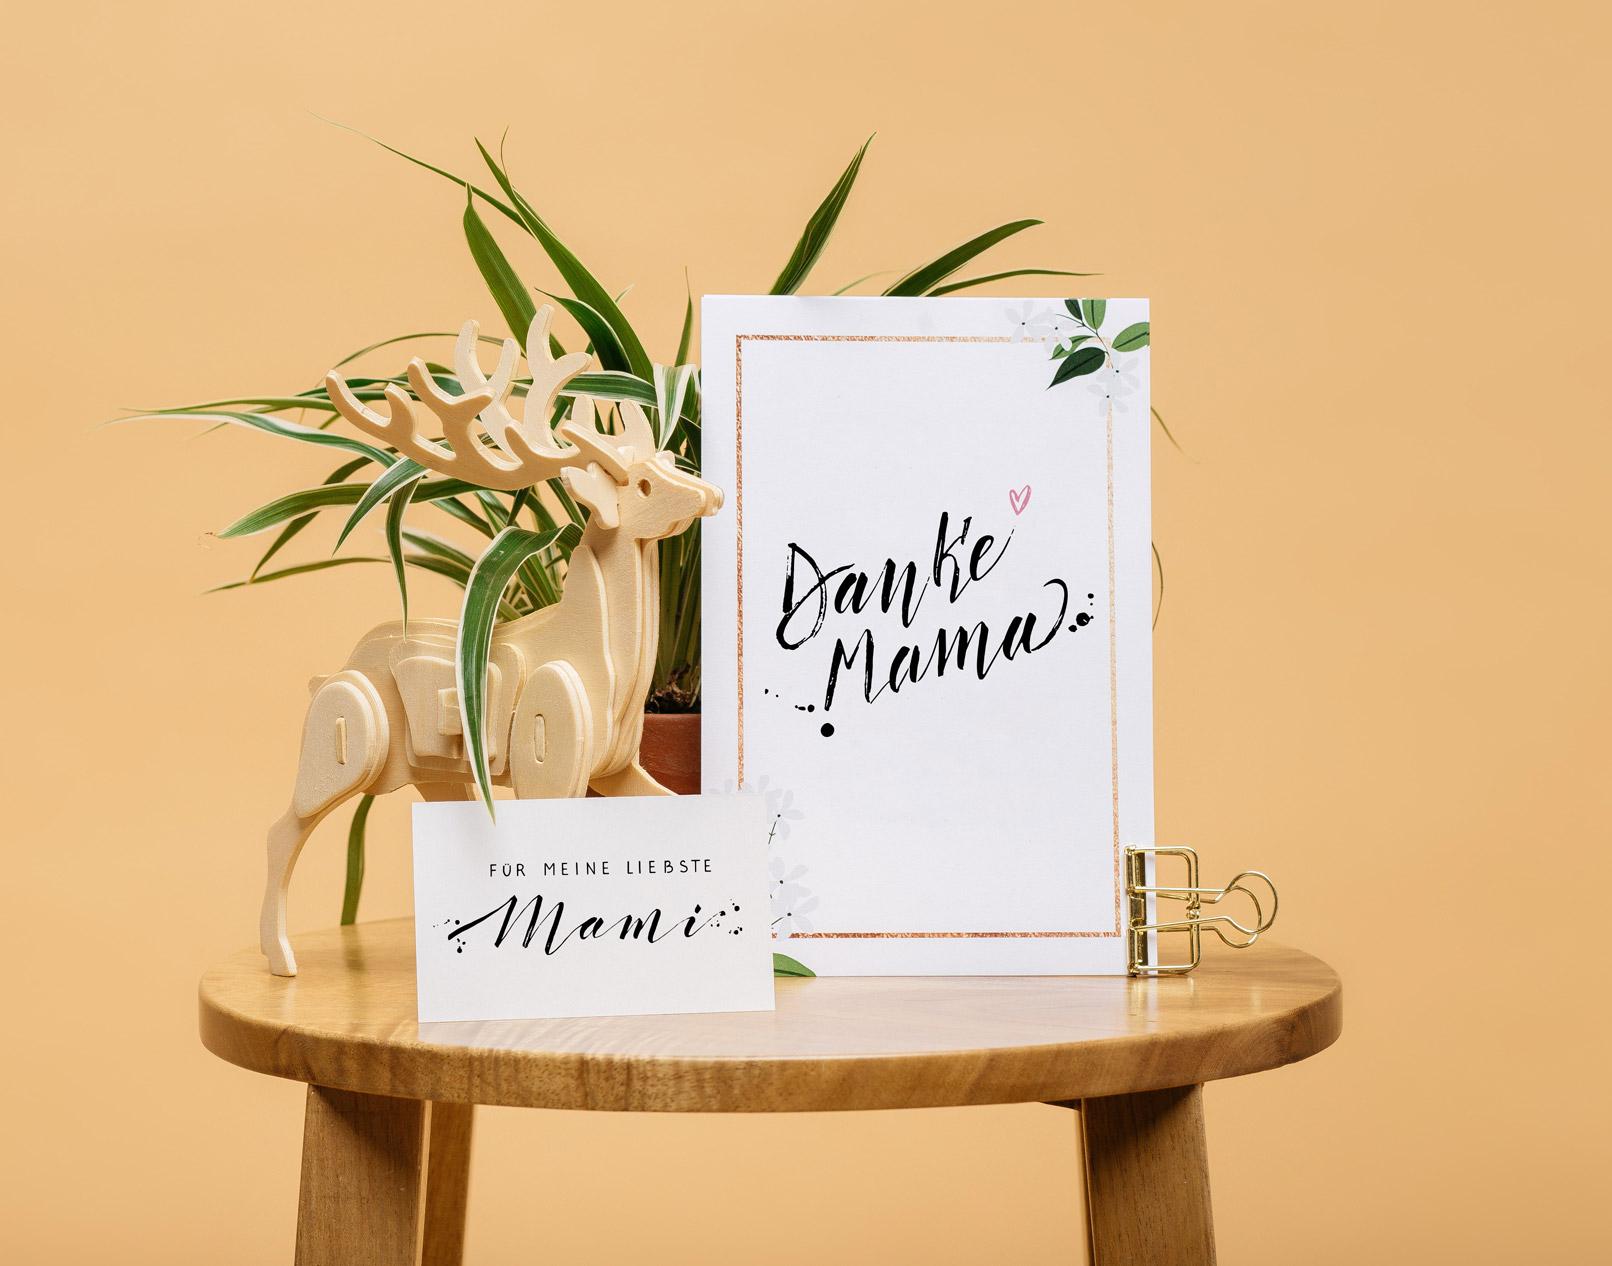 Muttertagskarten mit Handletterings in verschiedenen Größen auf einem Tisch vor Blumen